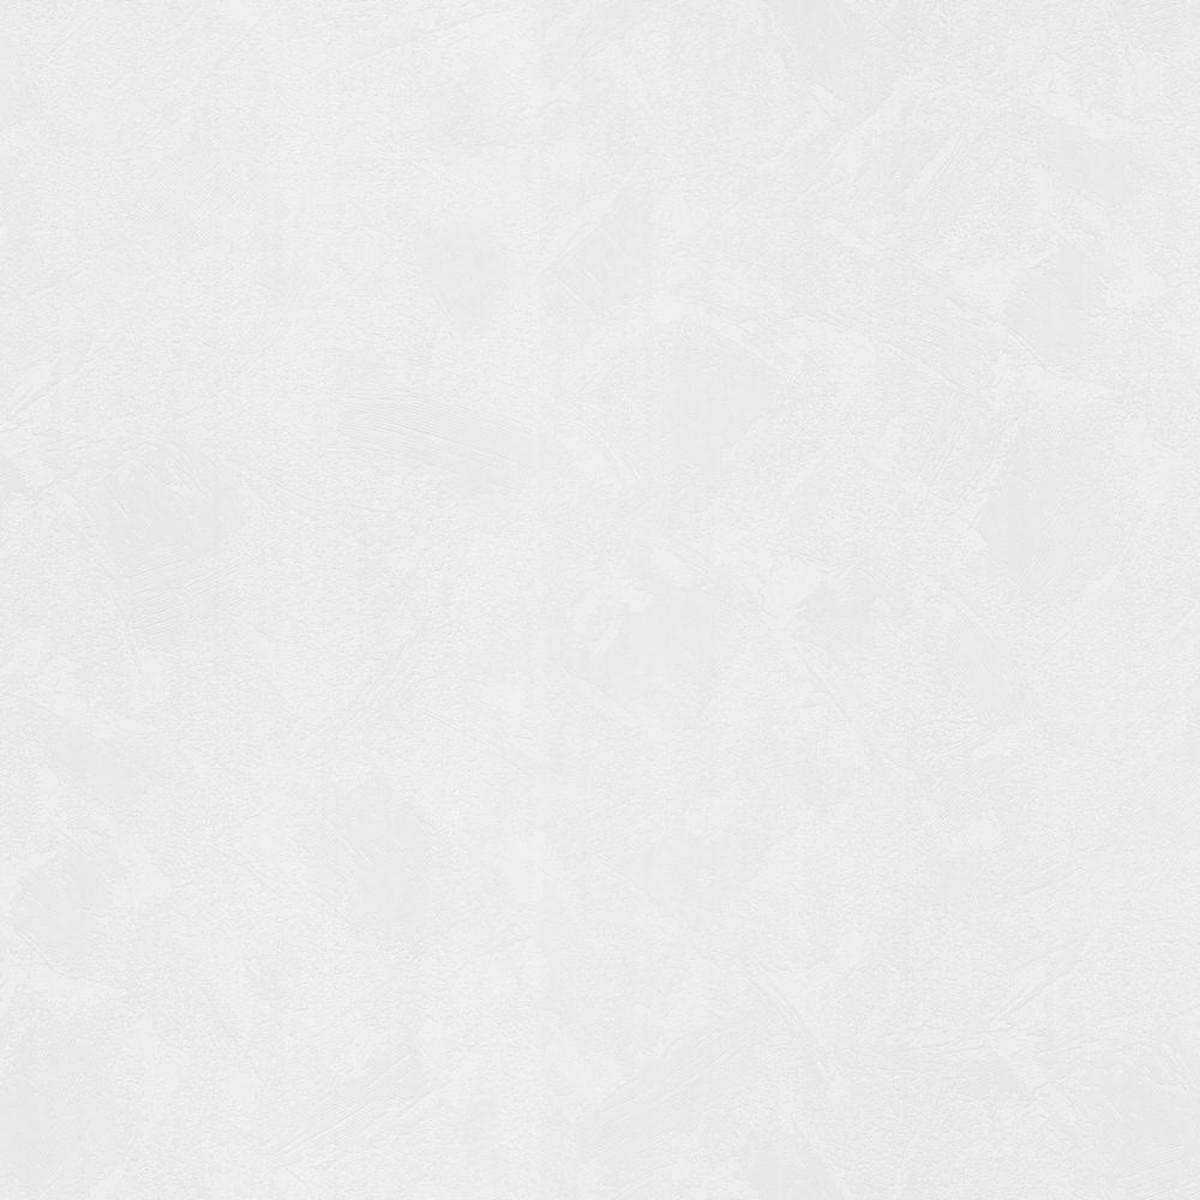 Обои флизелиновые Home Color Colorist белые 422-01 1.06 м